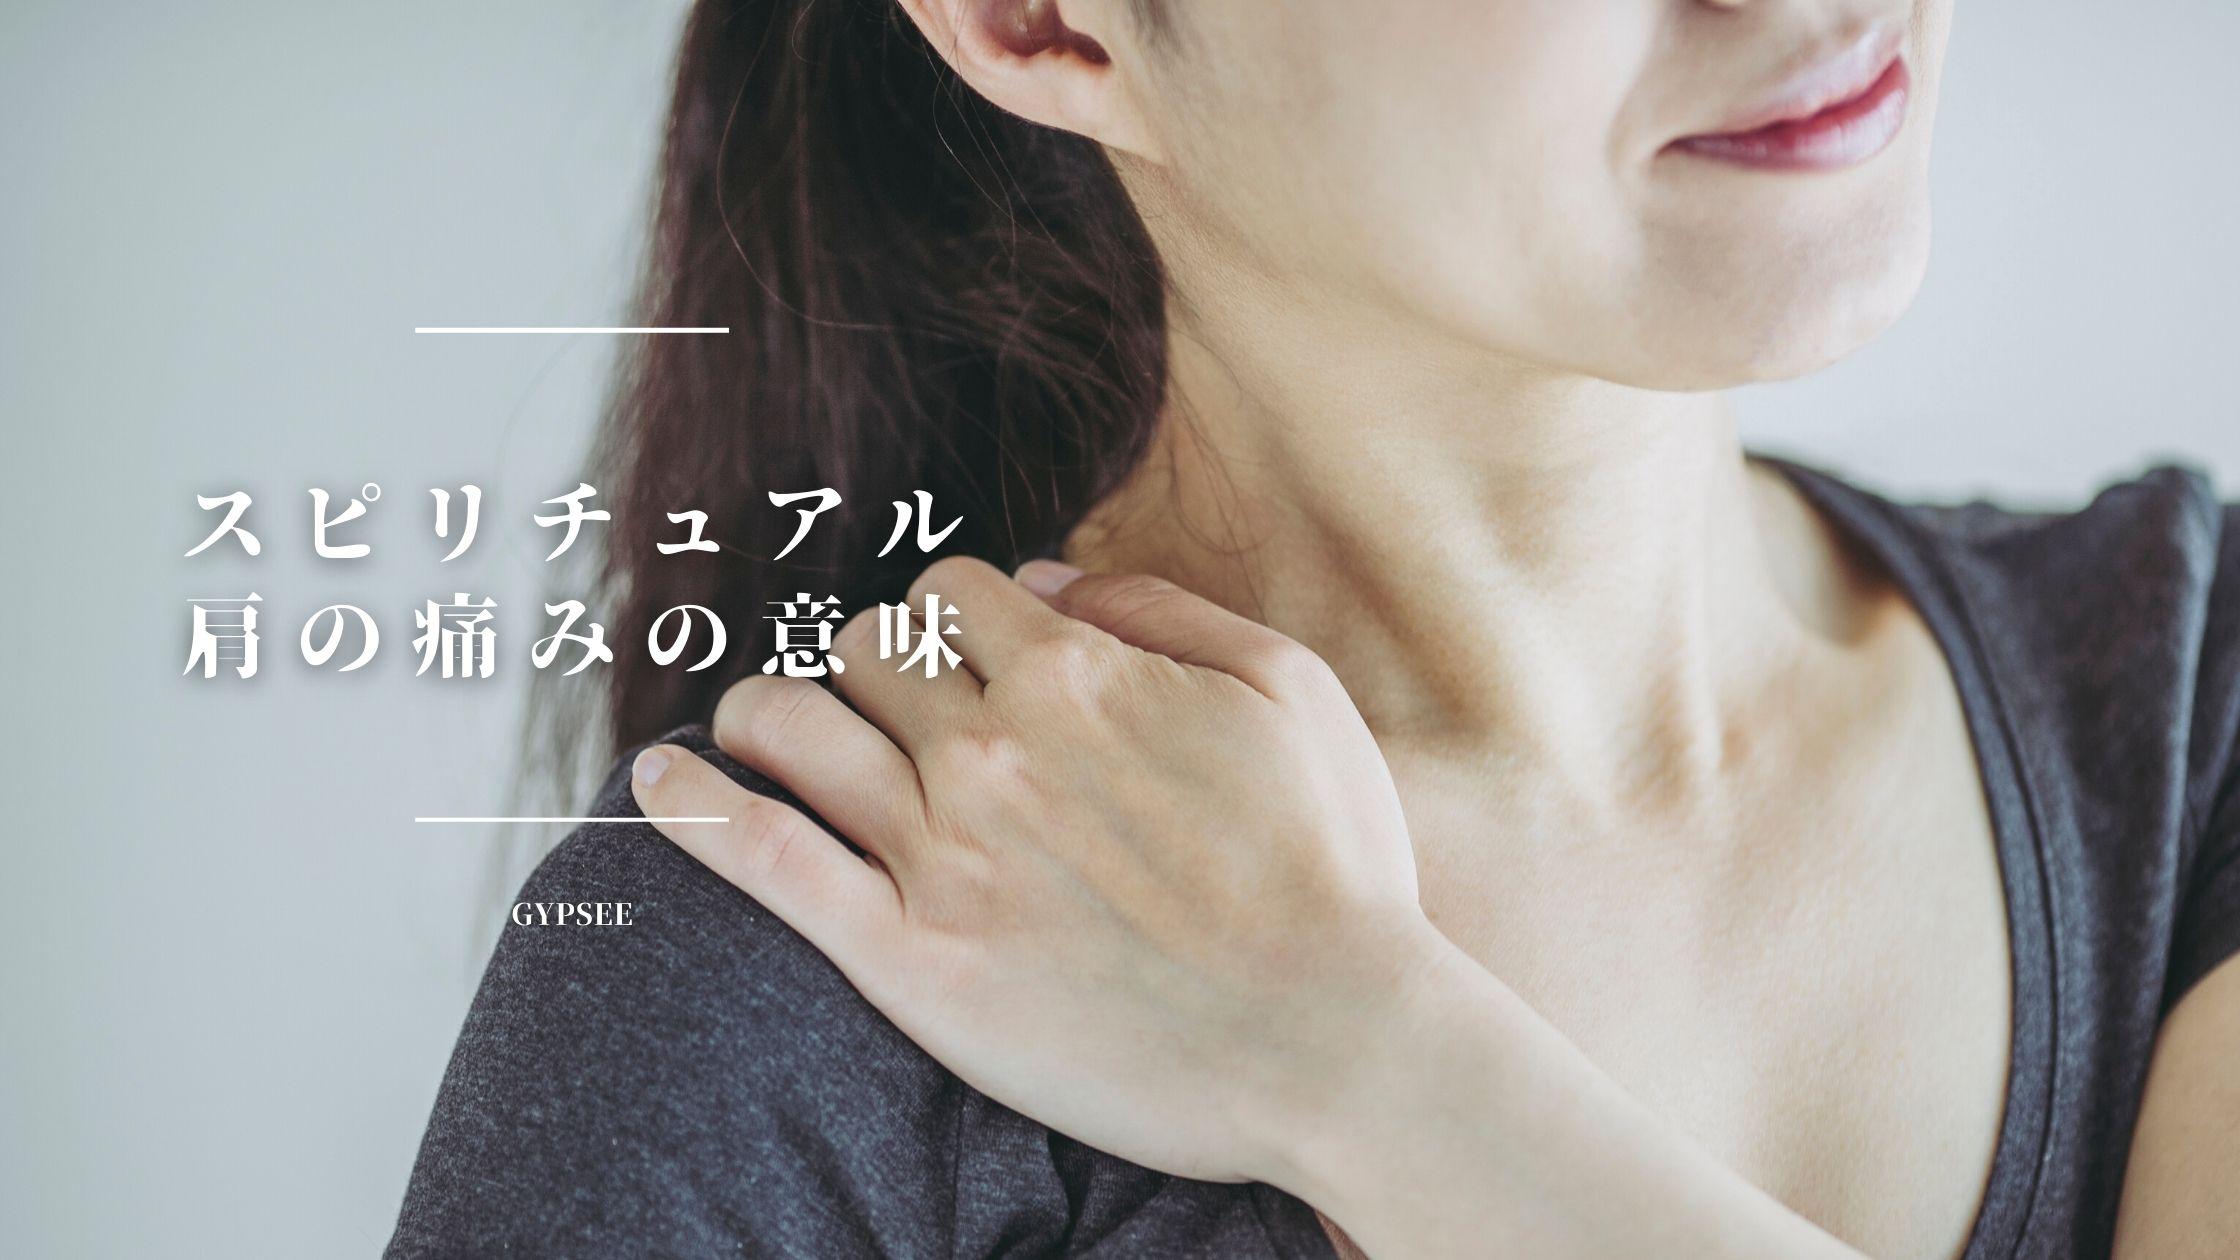 右肩・左肩が痛い!スピリチュアル的な意味・メッセージの解説